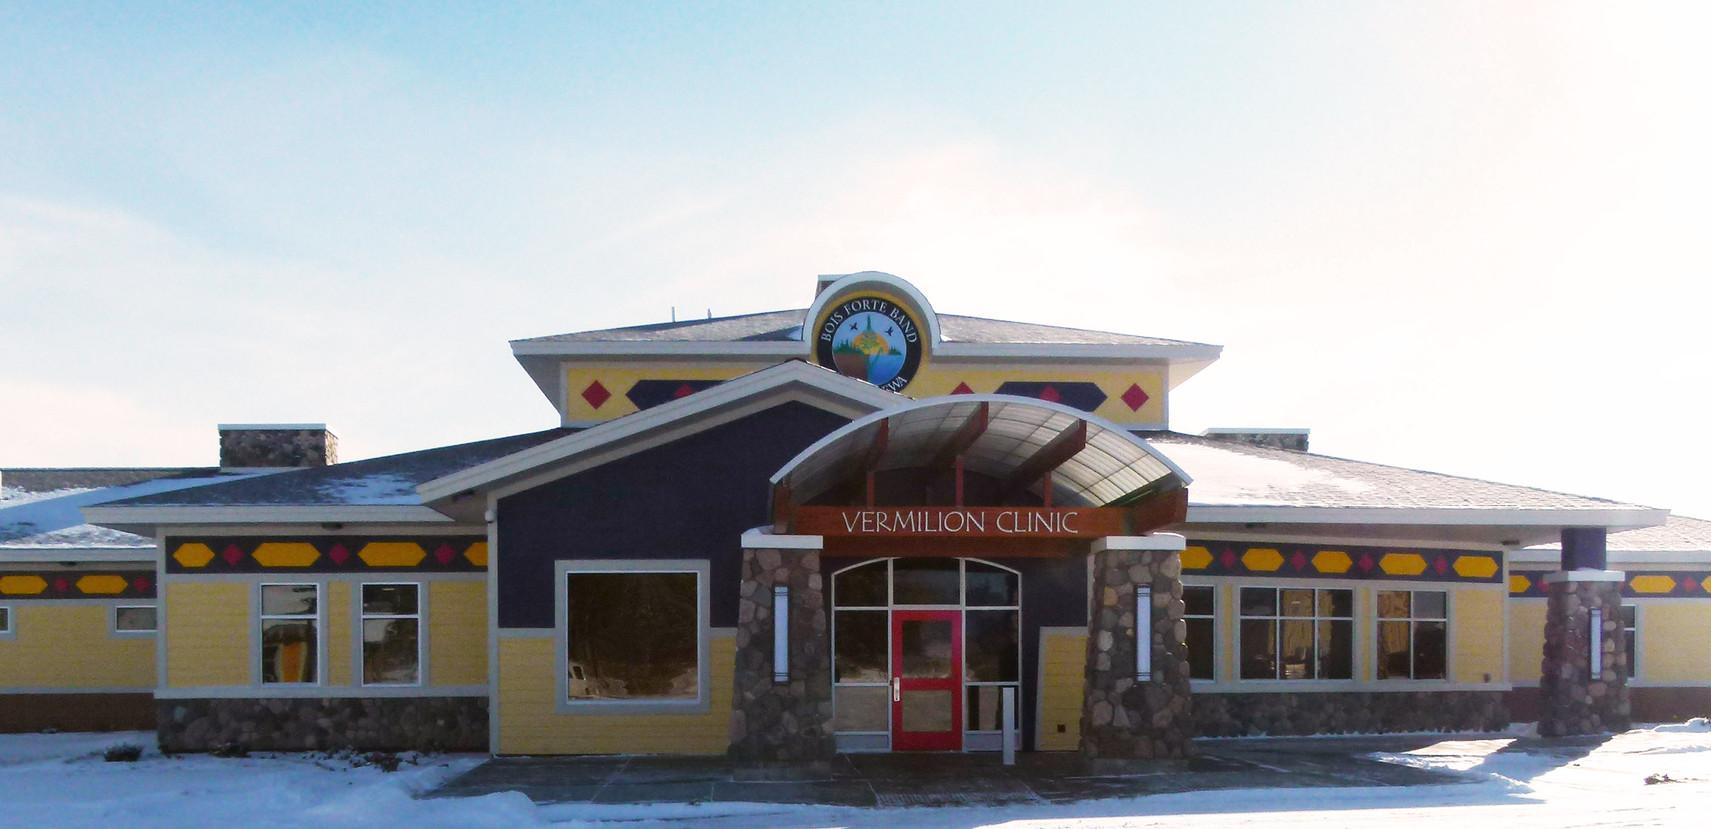 Vermilion Clinic Exterior Entrance